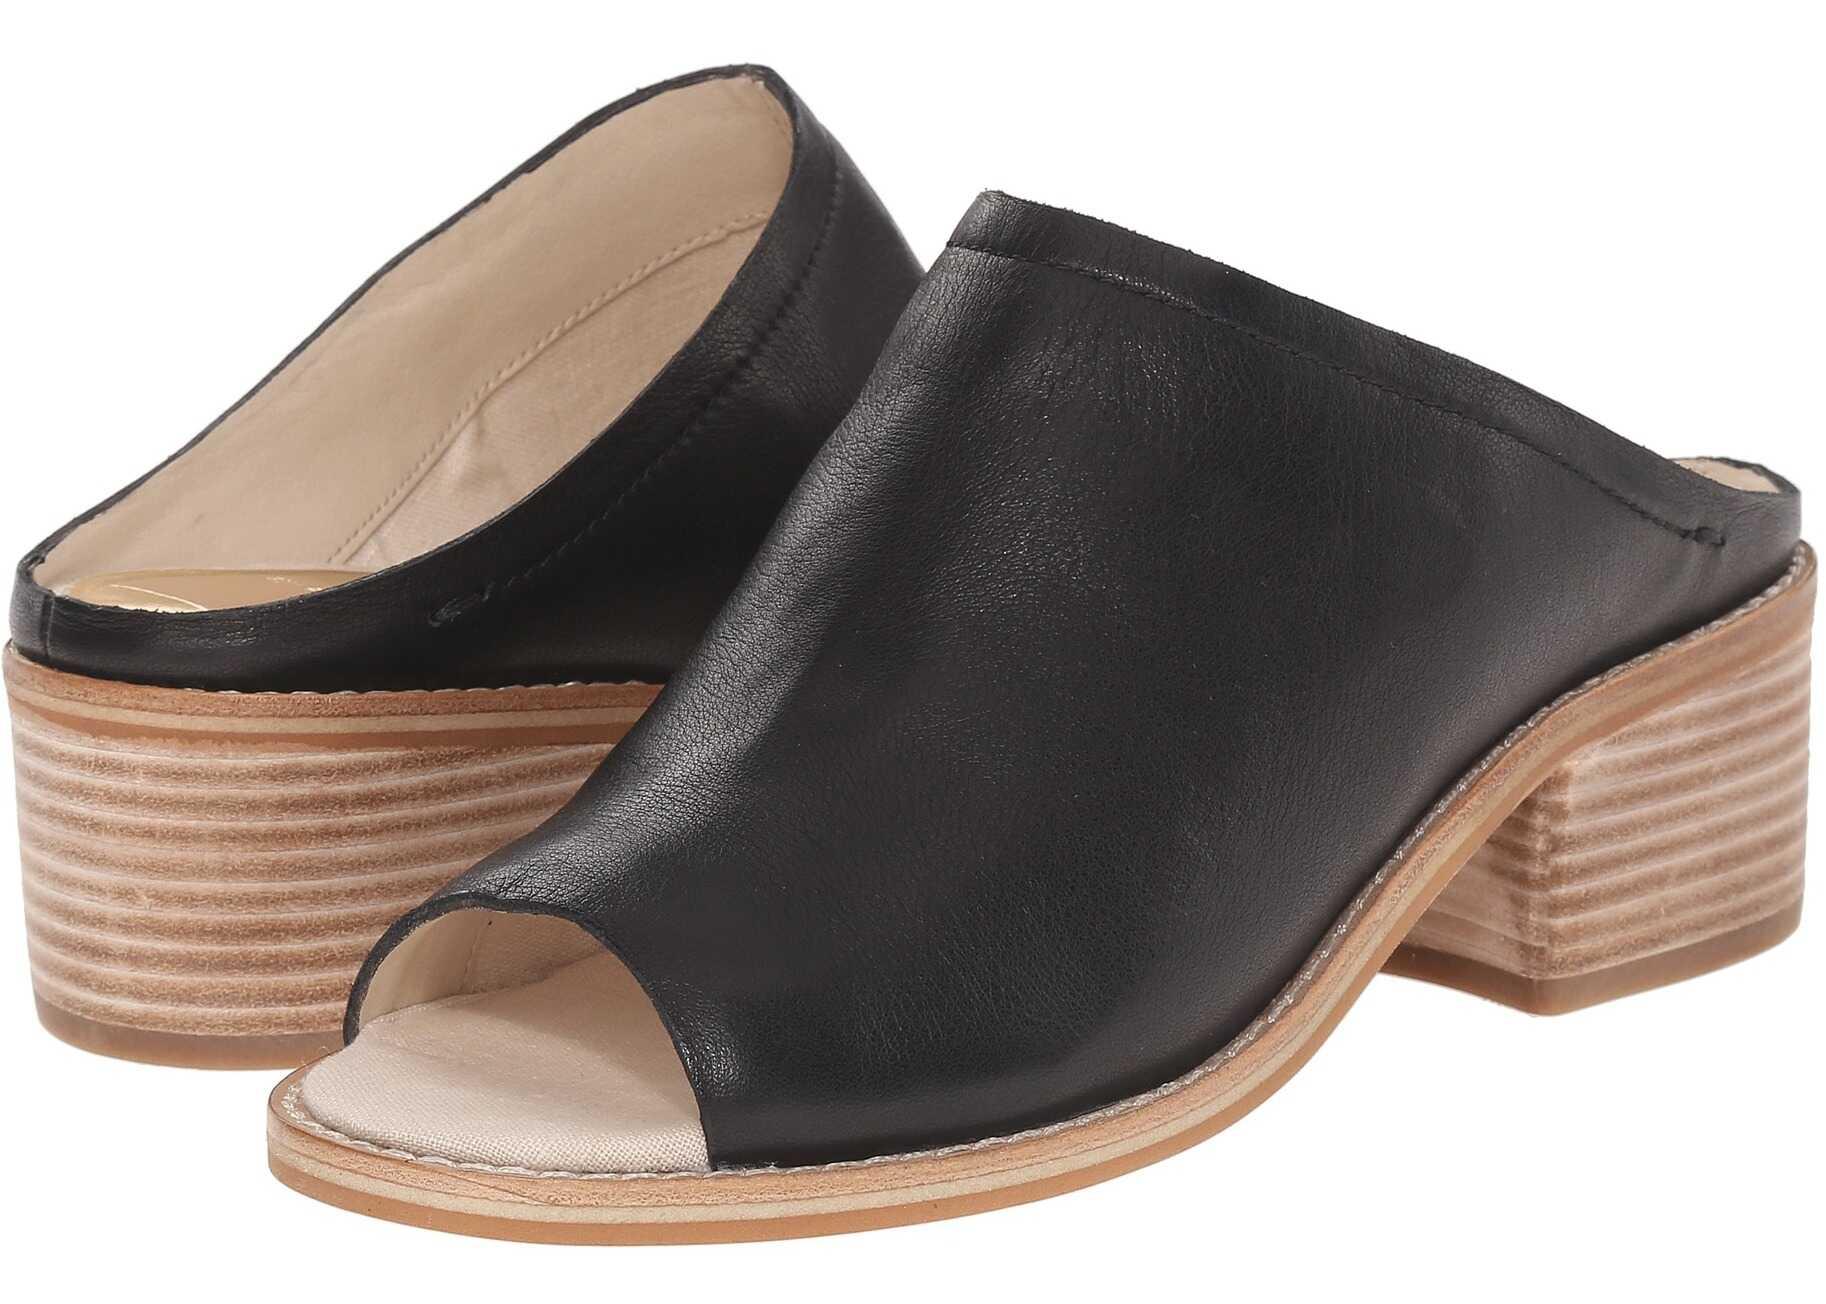 Dolce Vita Kyla Black Leather